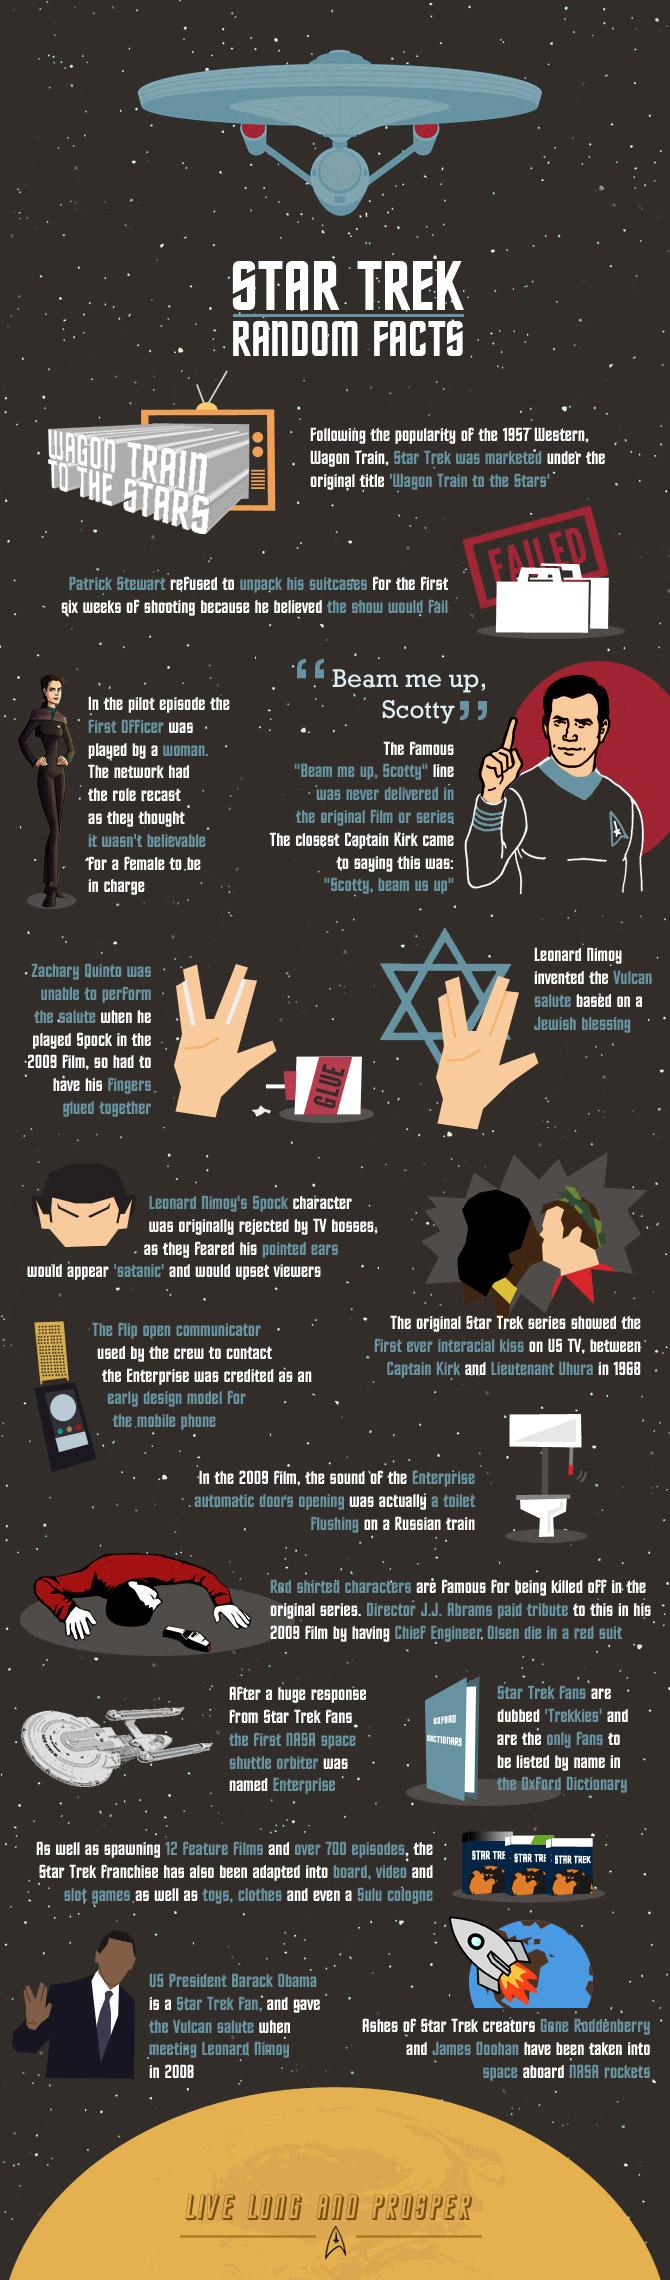 Star Trek: Random Facts